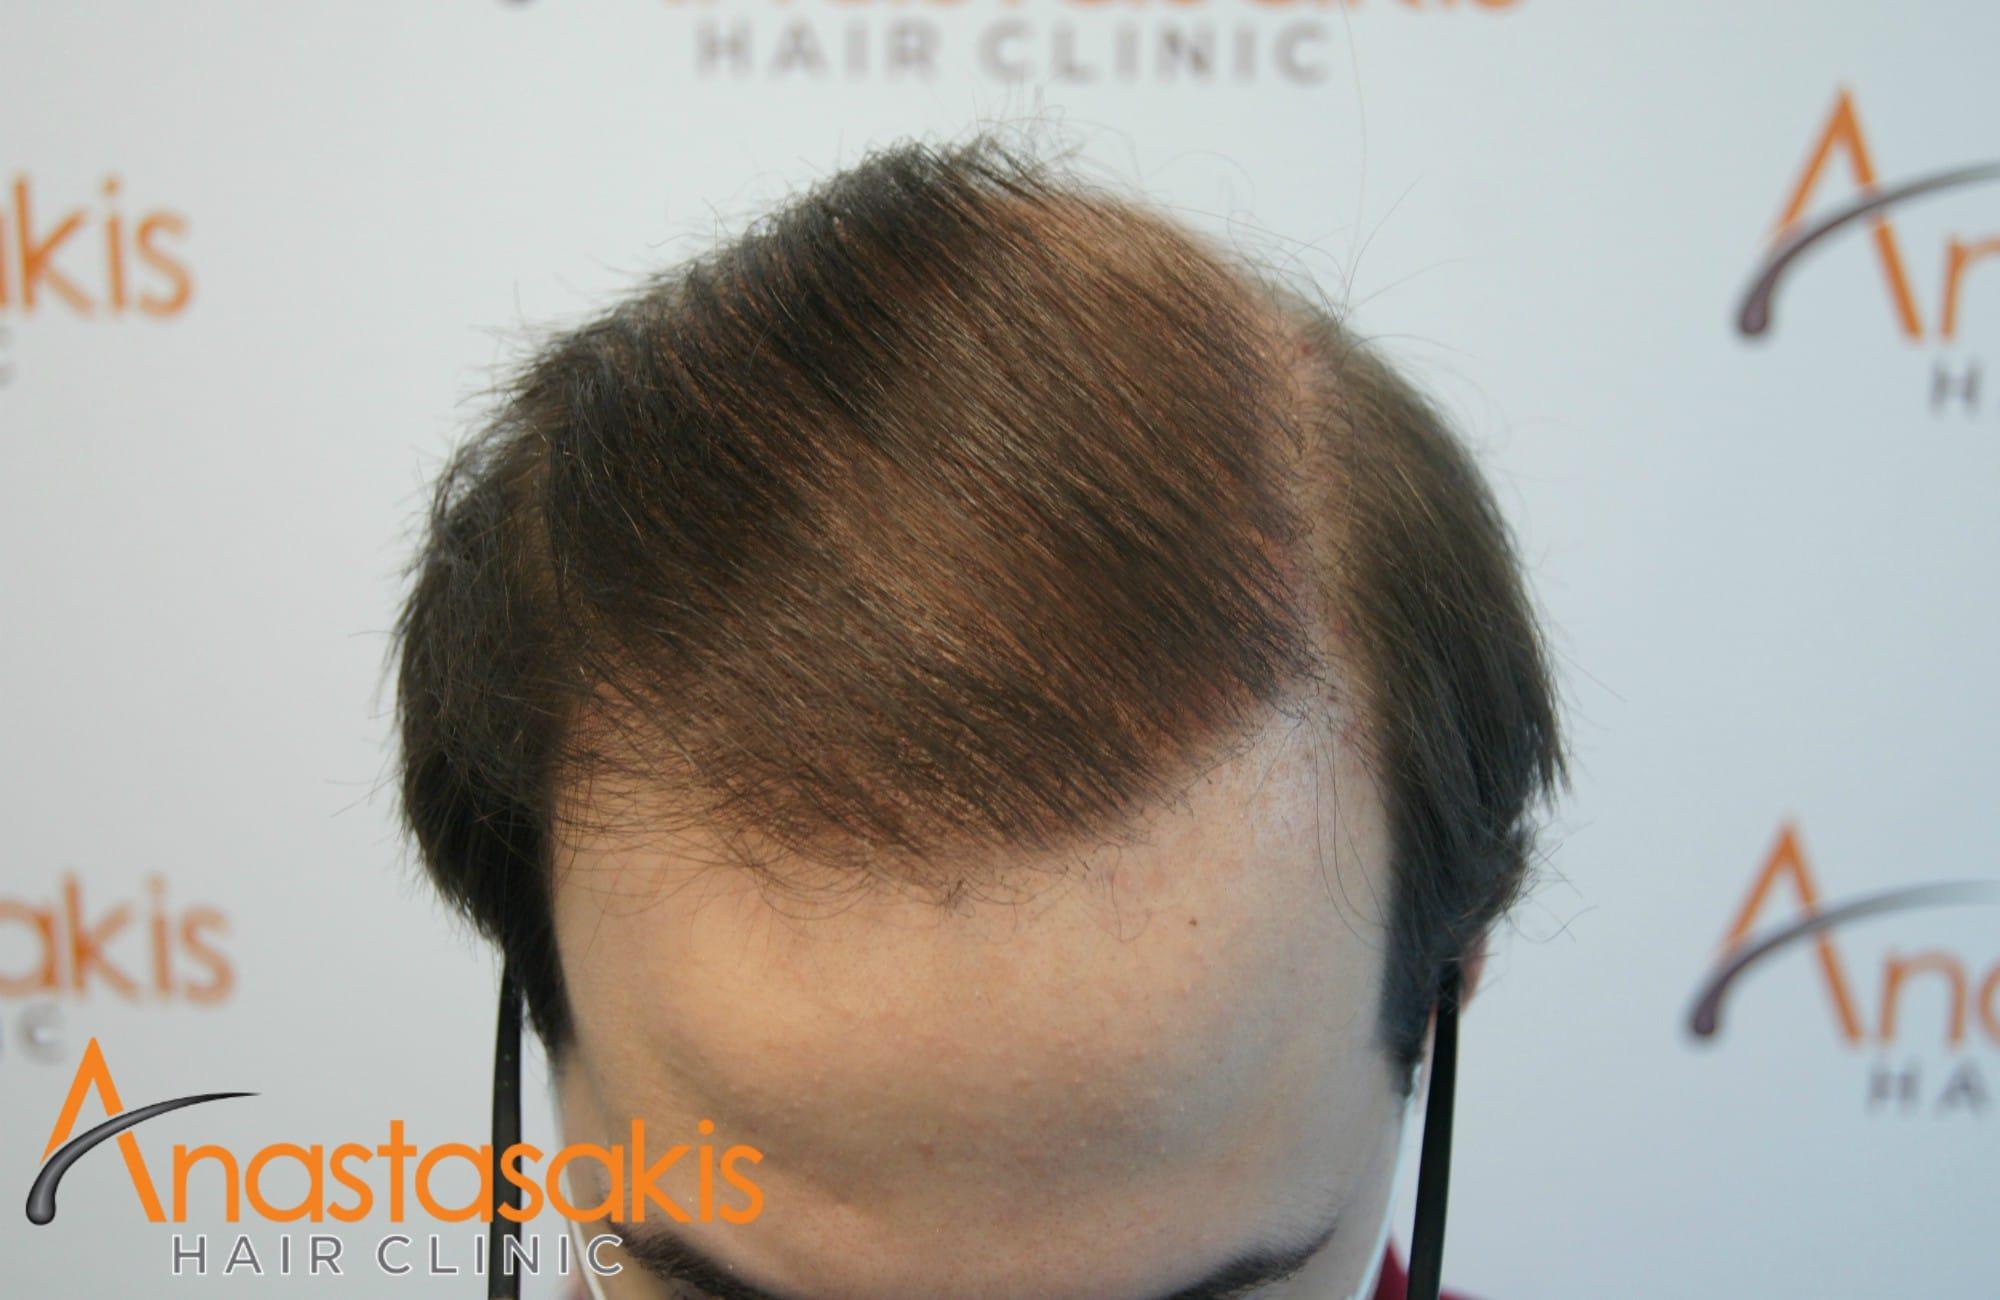 προσθια περιοχη ασθενους μετα τη μεταμοσχευση μαλλιων με 3500 fus